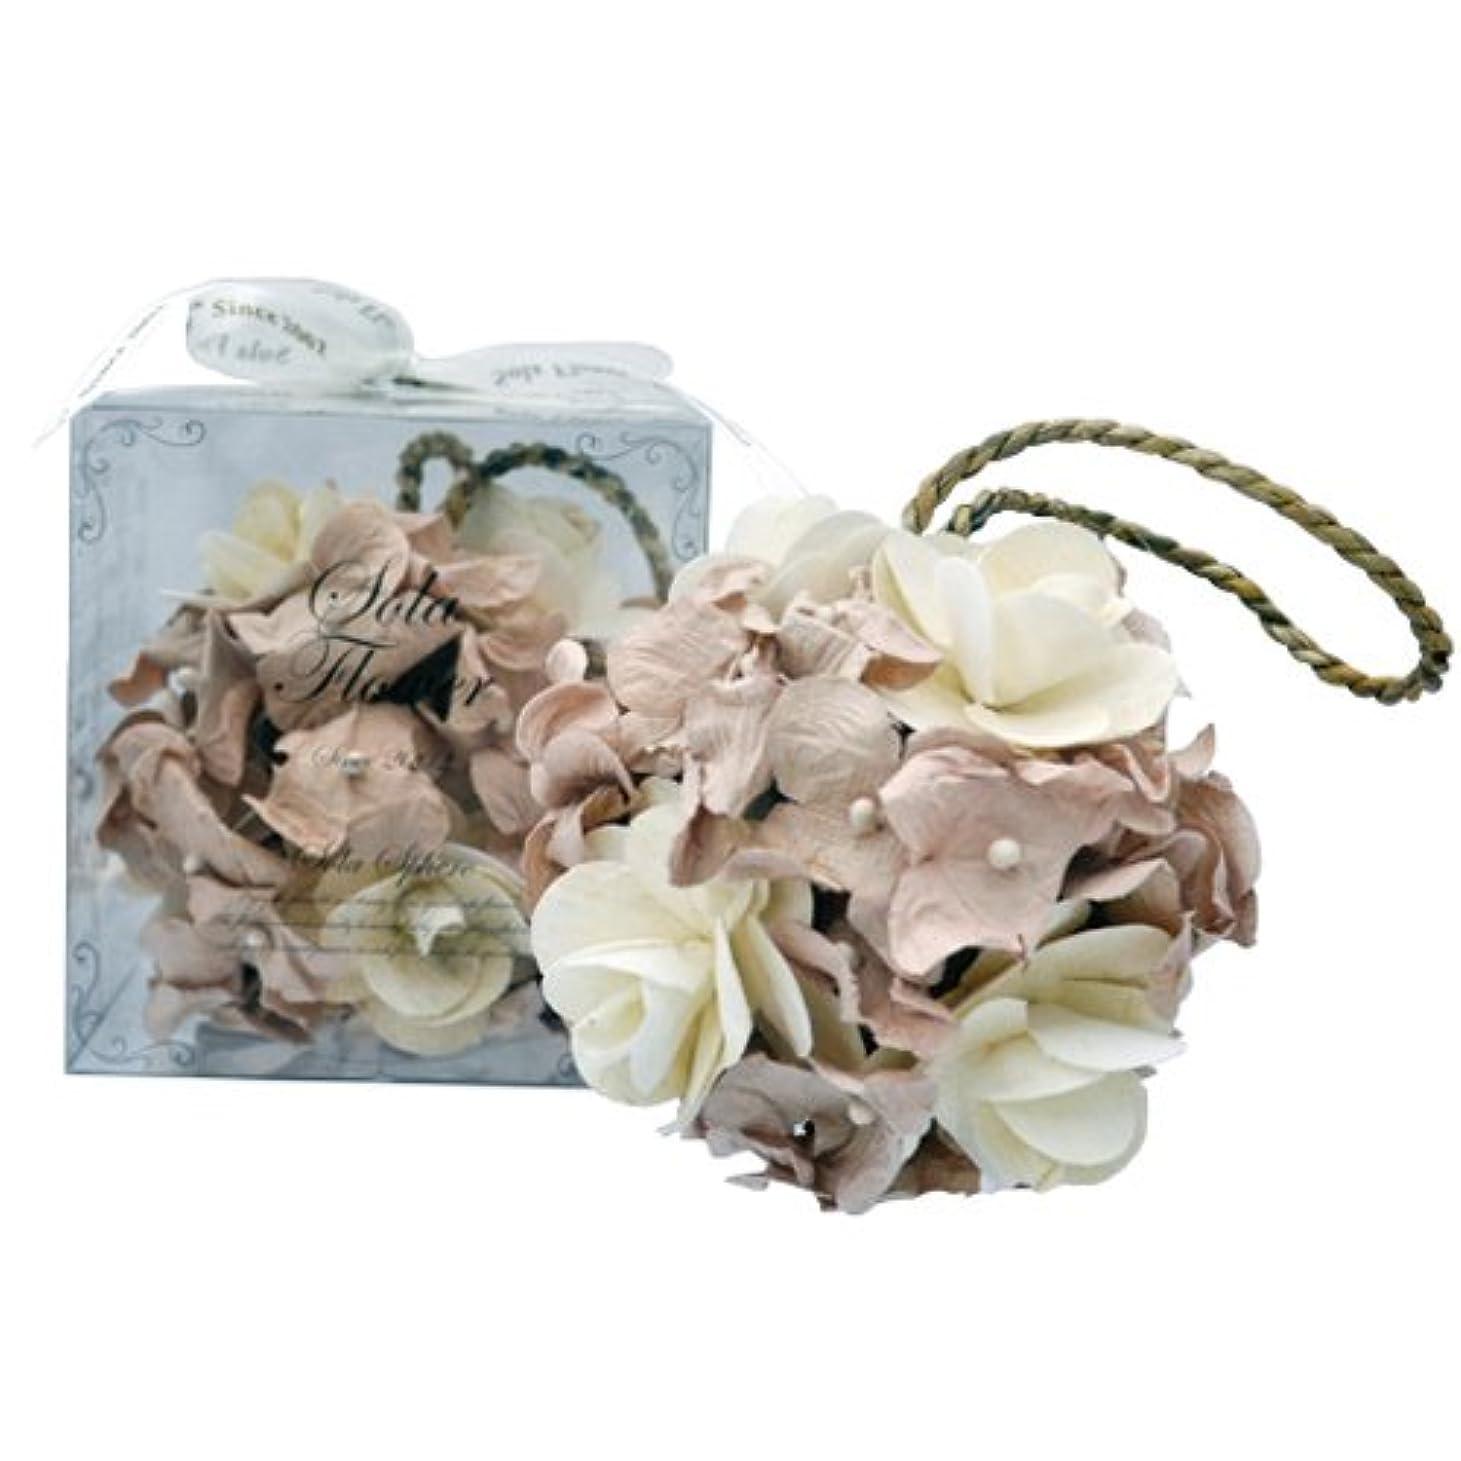 勧めるショッピングセンターまとめるnew Sola Flower ソラフラワー スフィア Original Rose オリジナルローズ Sphere